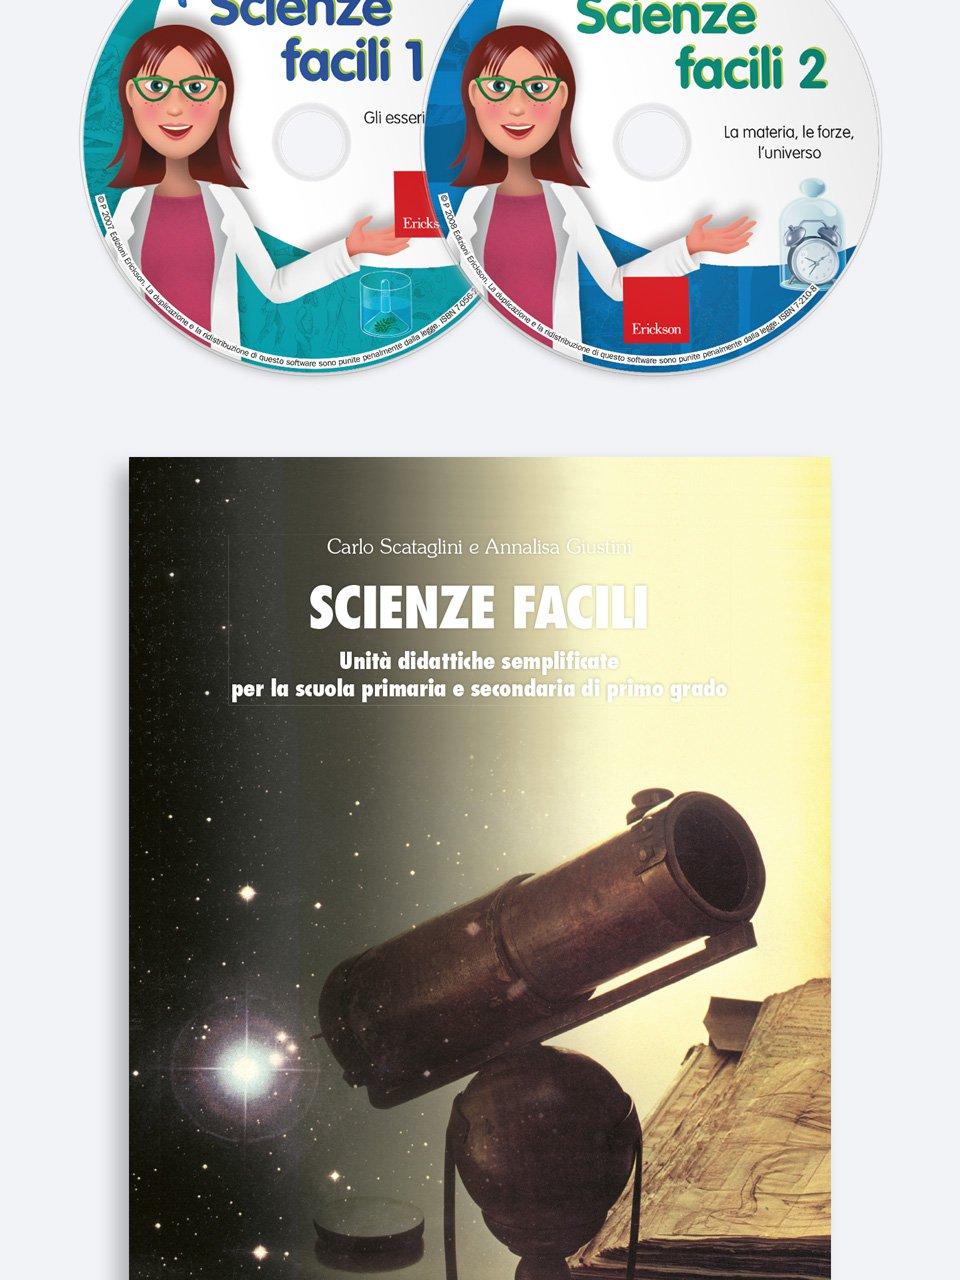 Scienze facili - Mia nonna era un pesce - Libri - Erickson 3